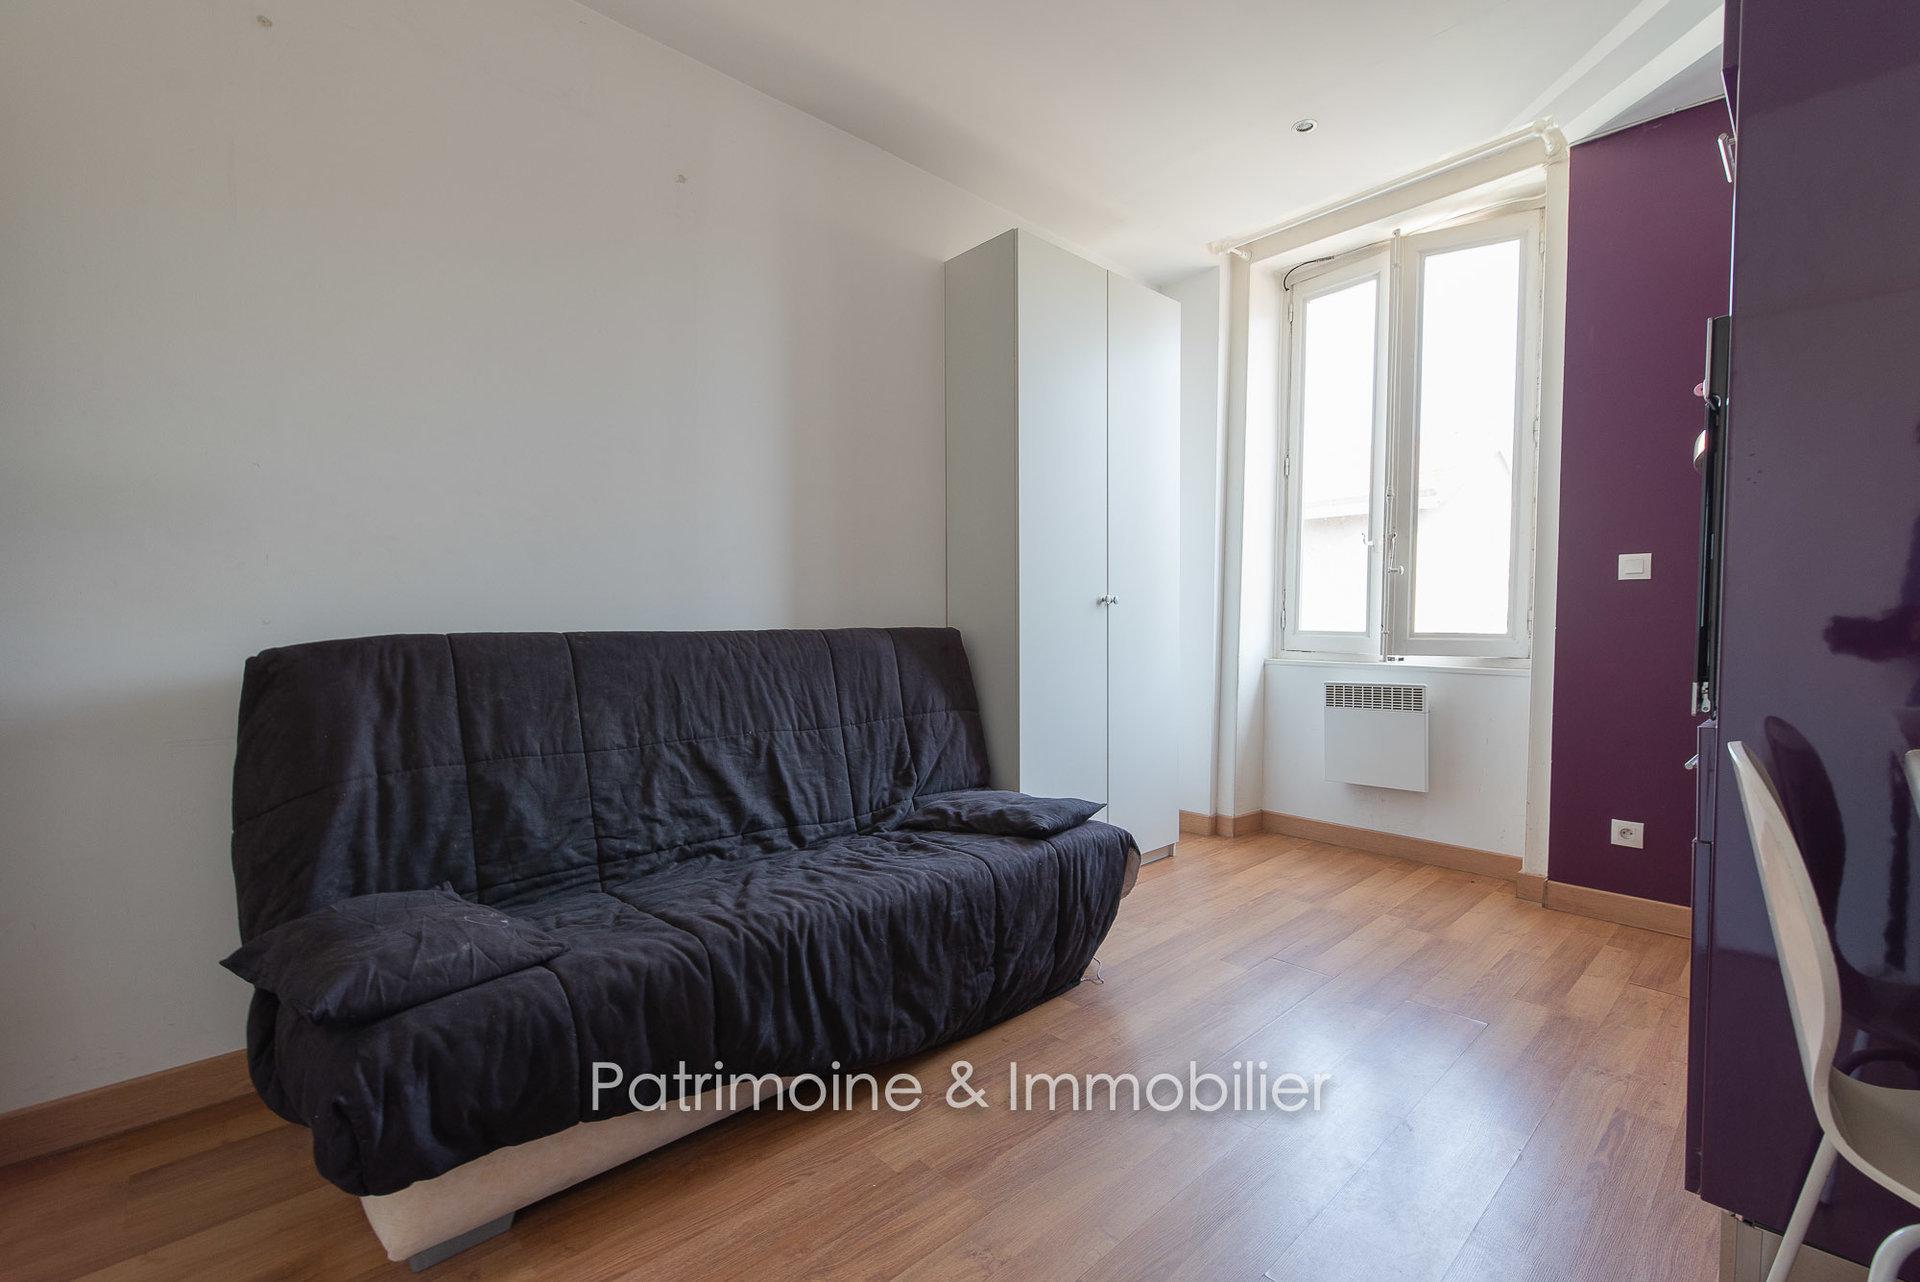 LYON 3 - Grange Blanche - Studio 15.05 m2 - 600 euros